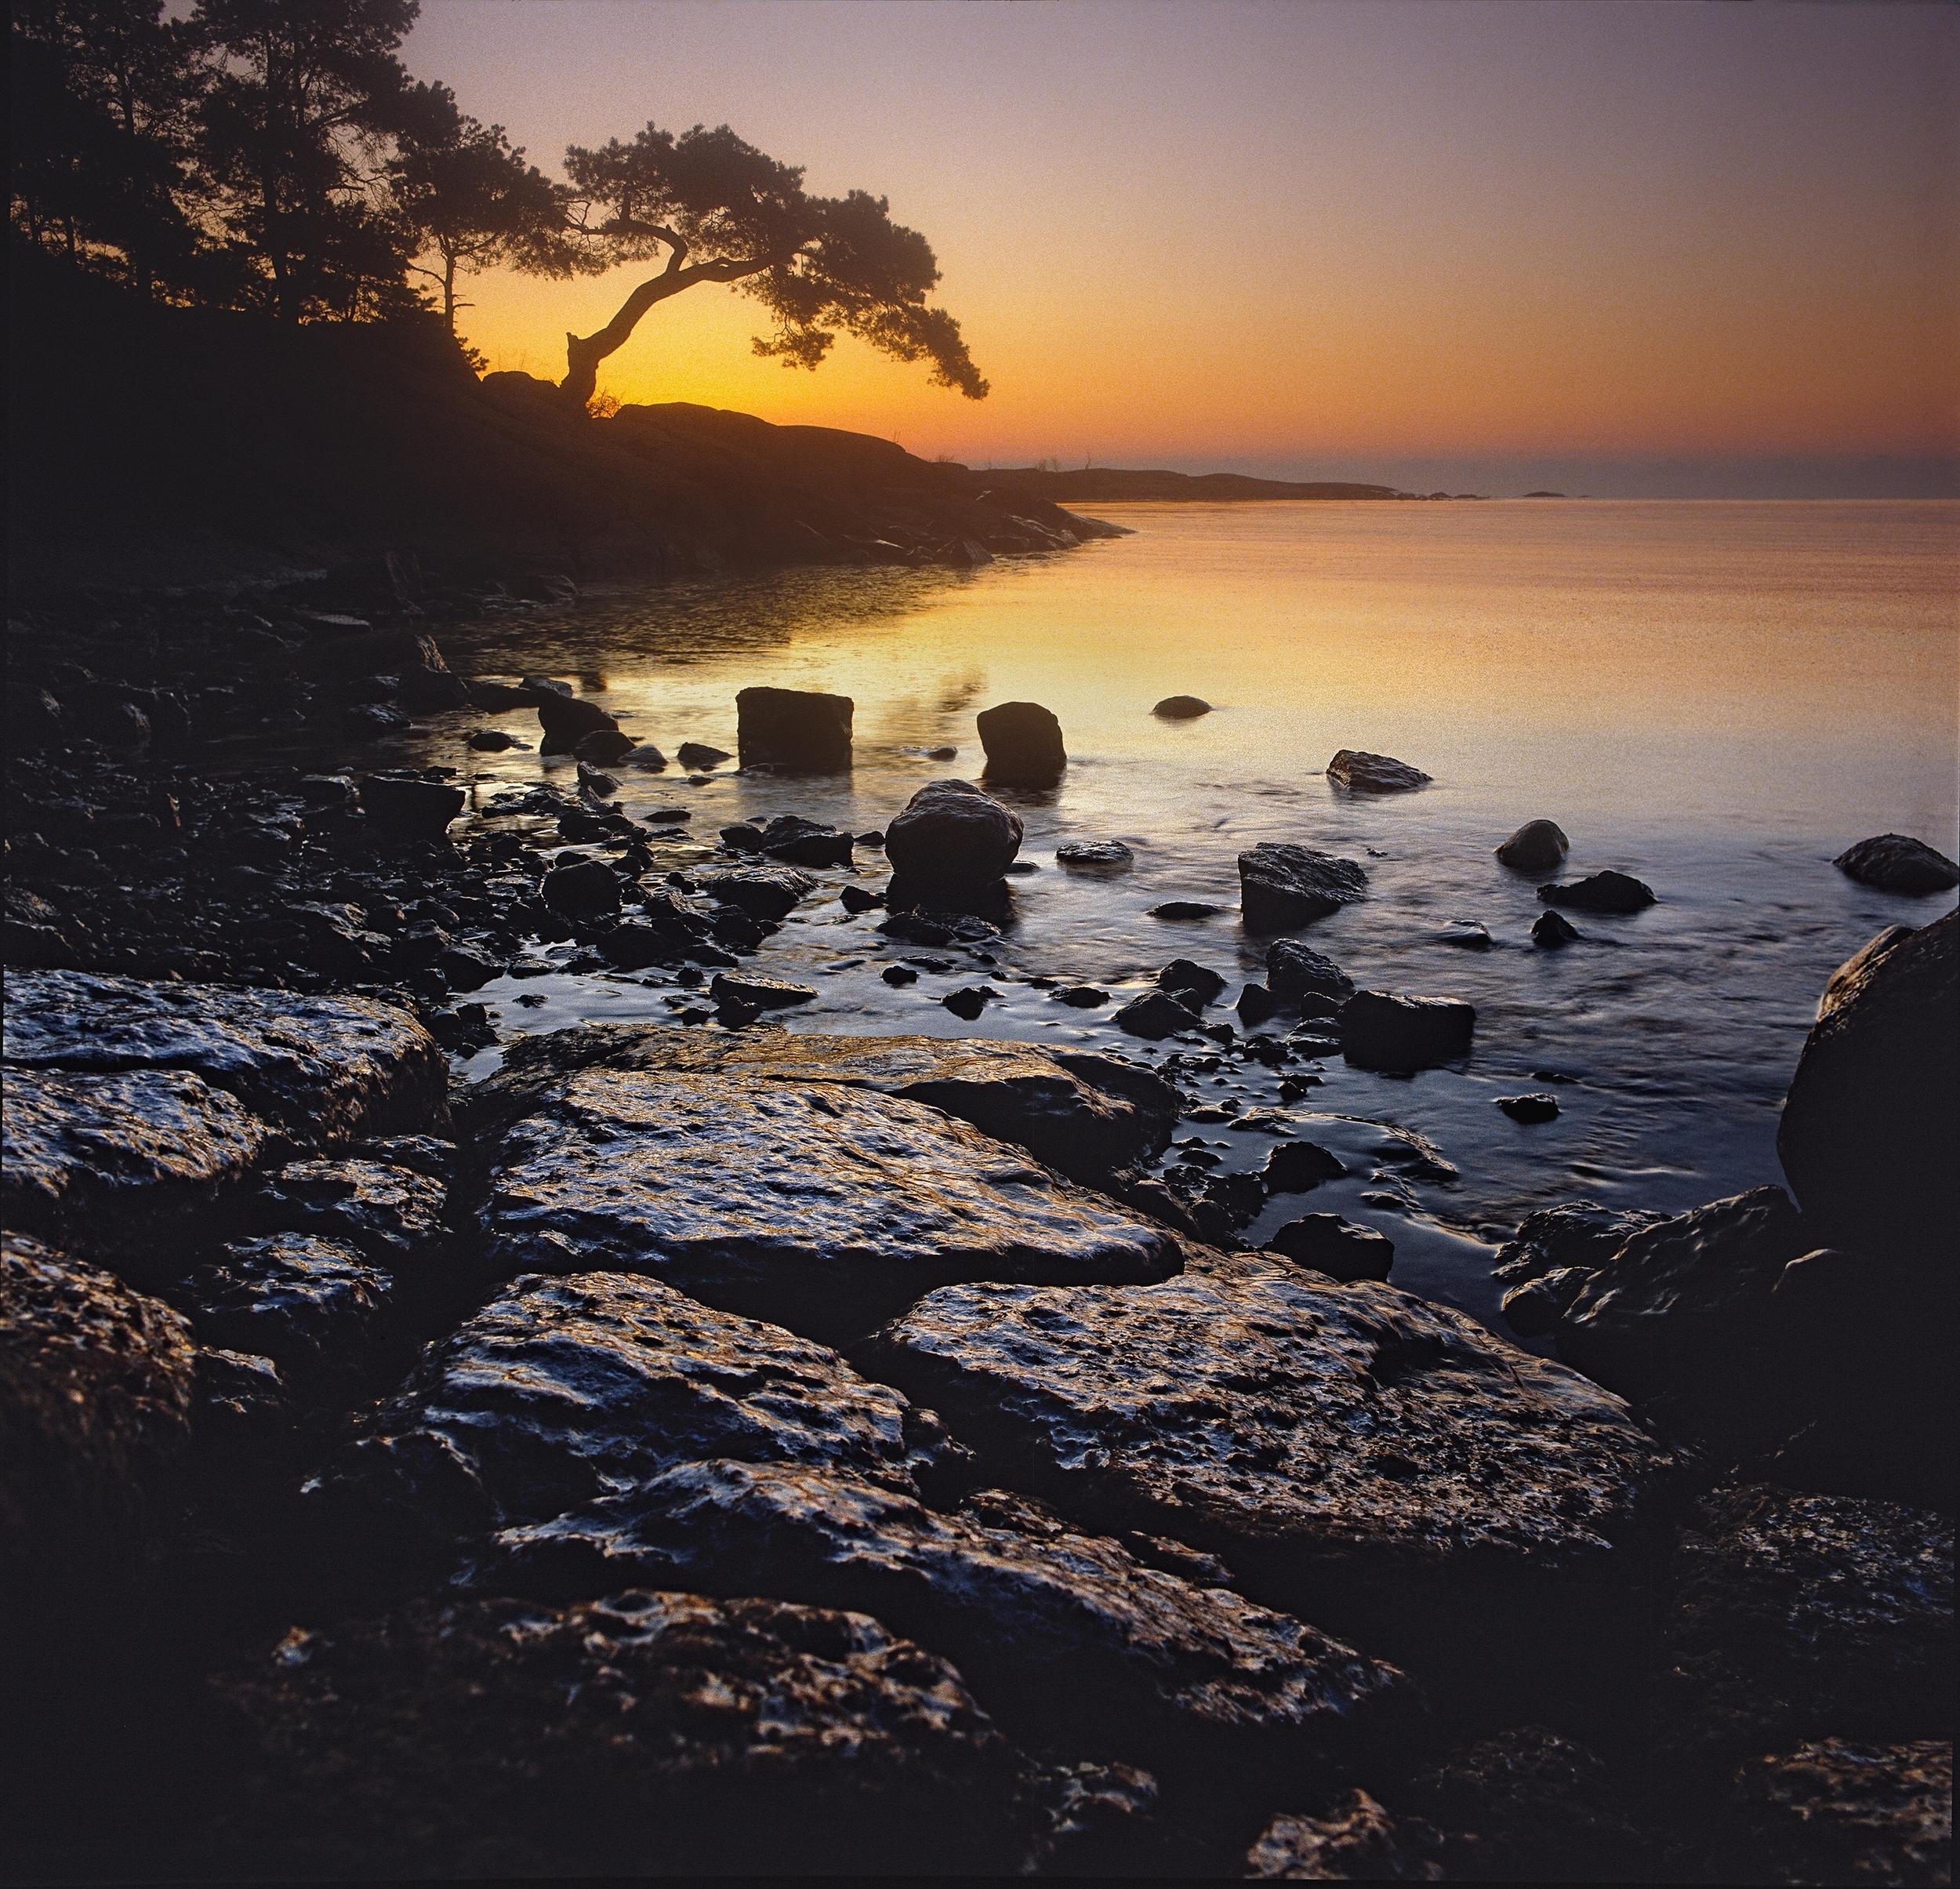 Martall-Siluett-Isglacerade-klippor-198604-On-KN.jpg